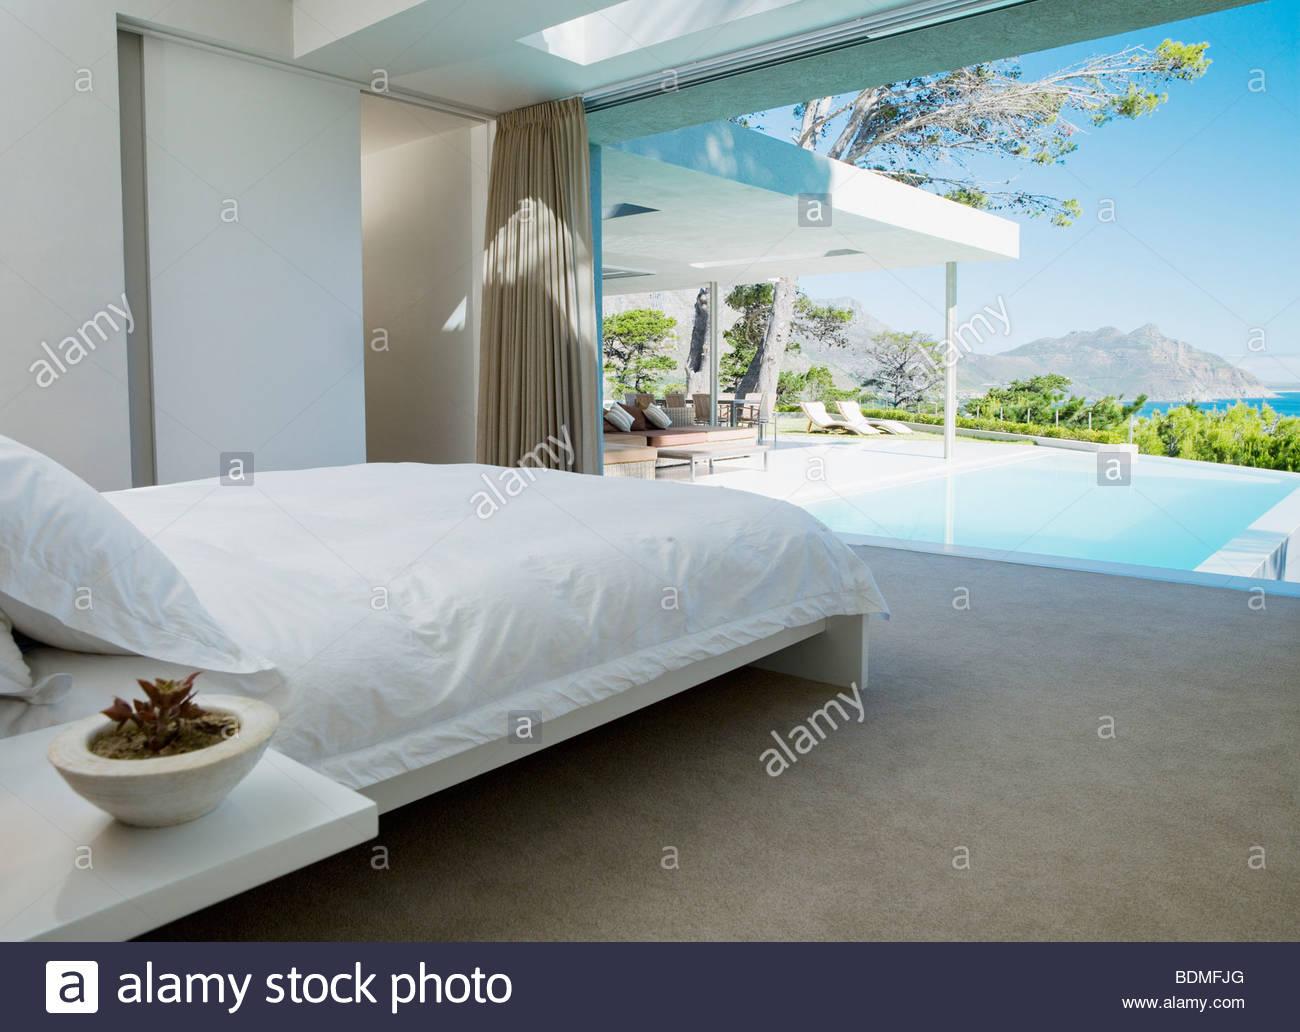 Schlafzimmer und Glas Wand in modernen Haus Stockfoto, Bild ...